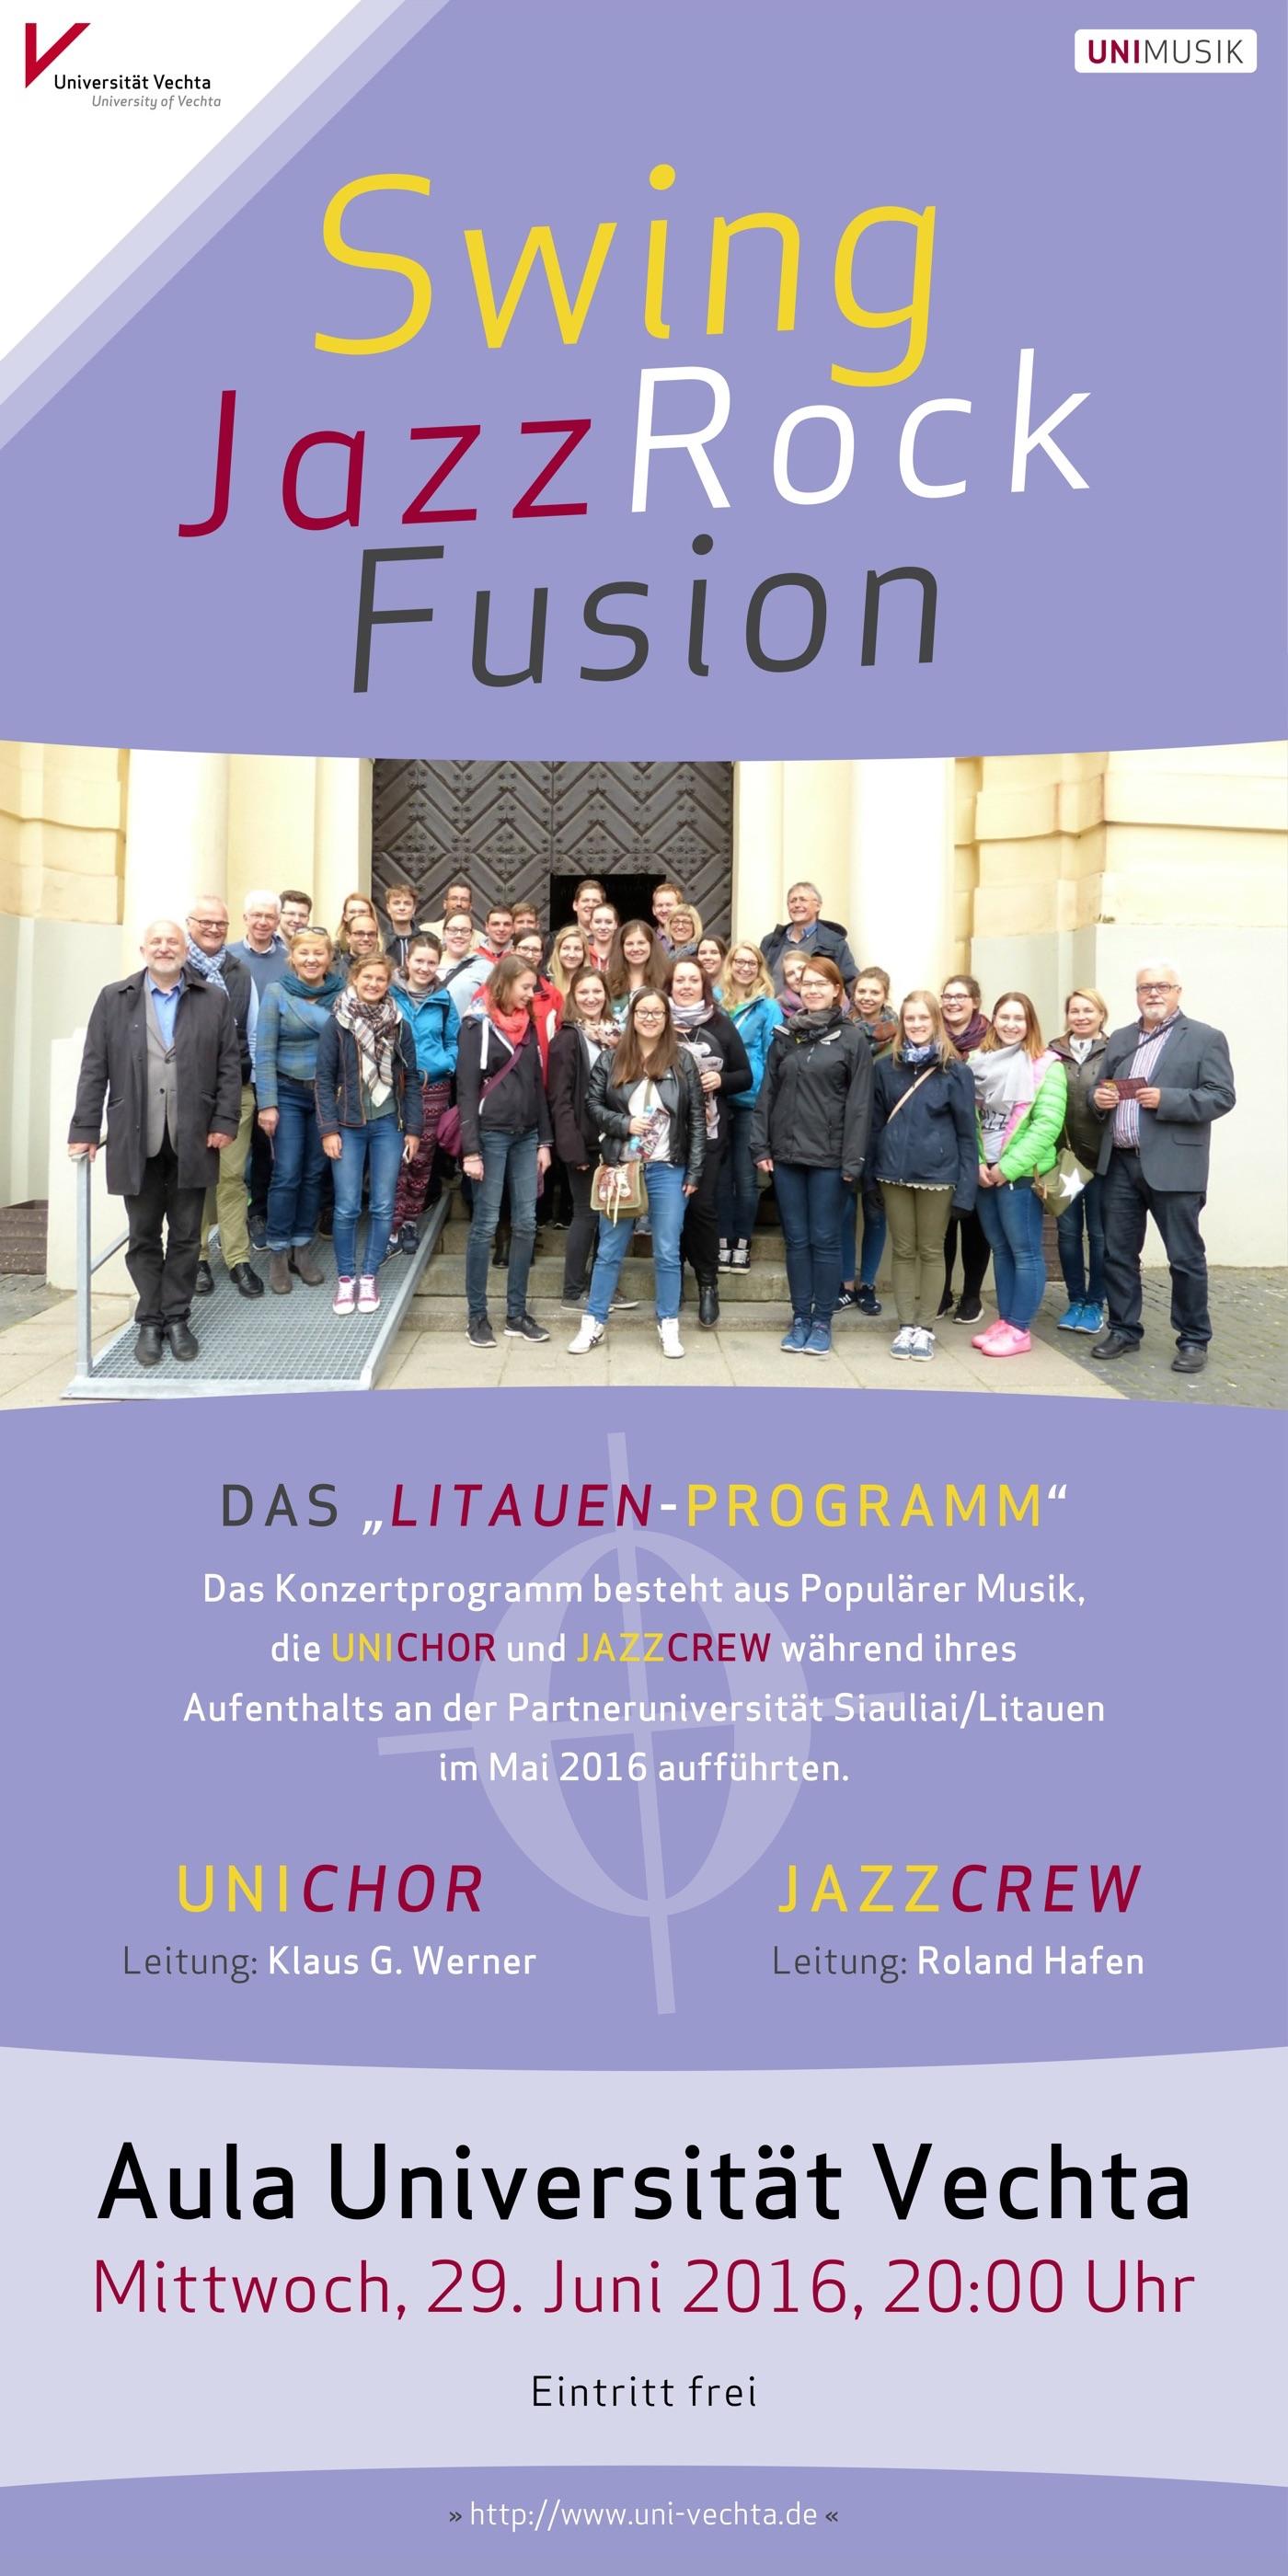 UNICHOR und JazzCrew